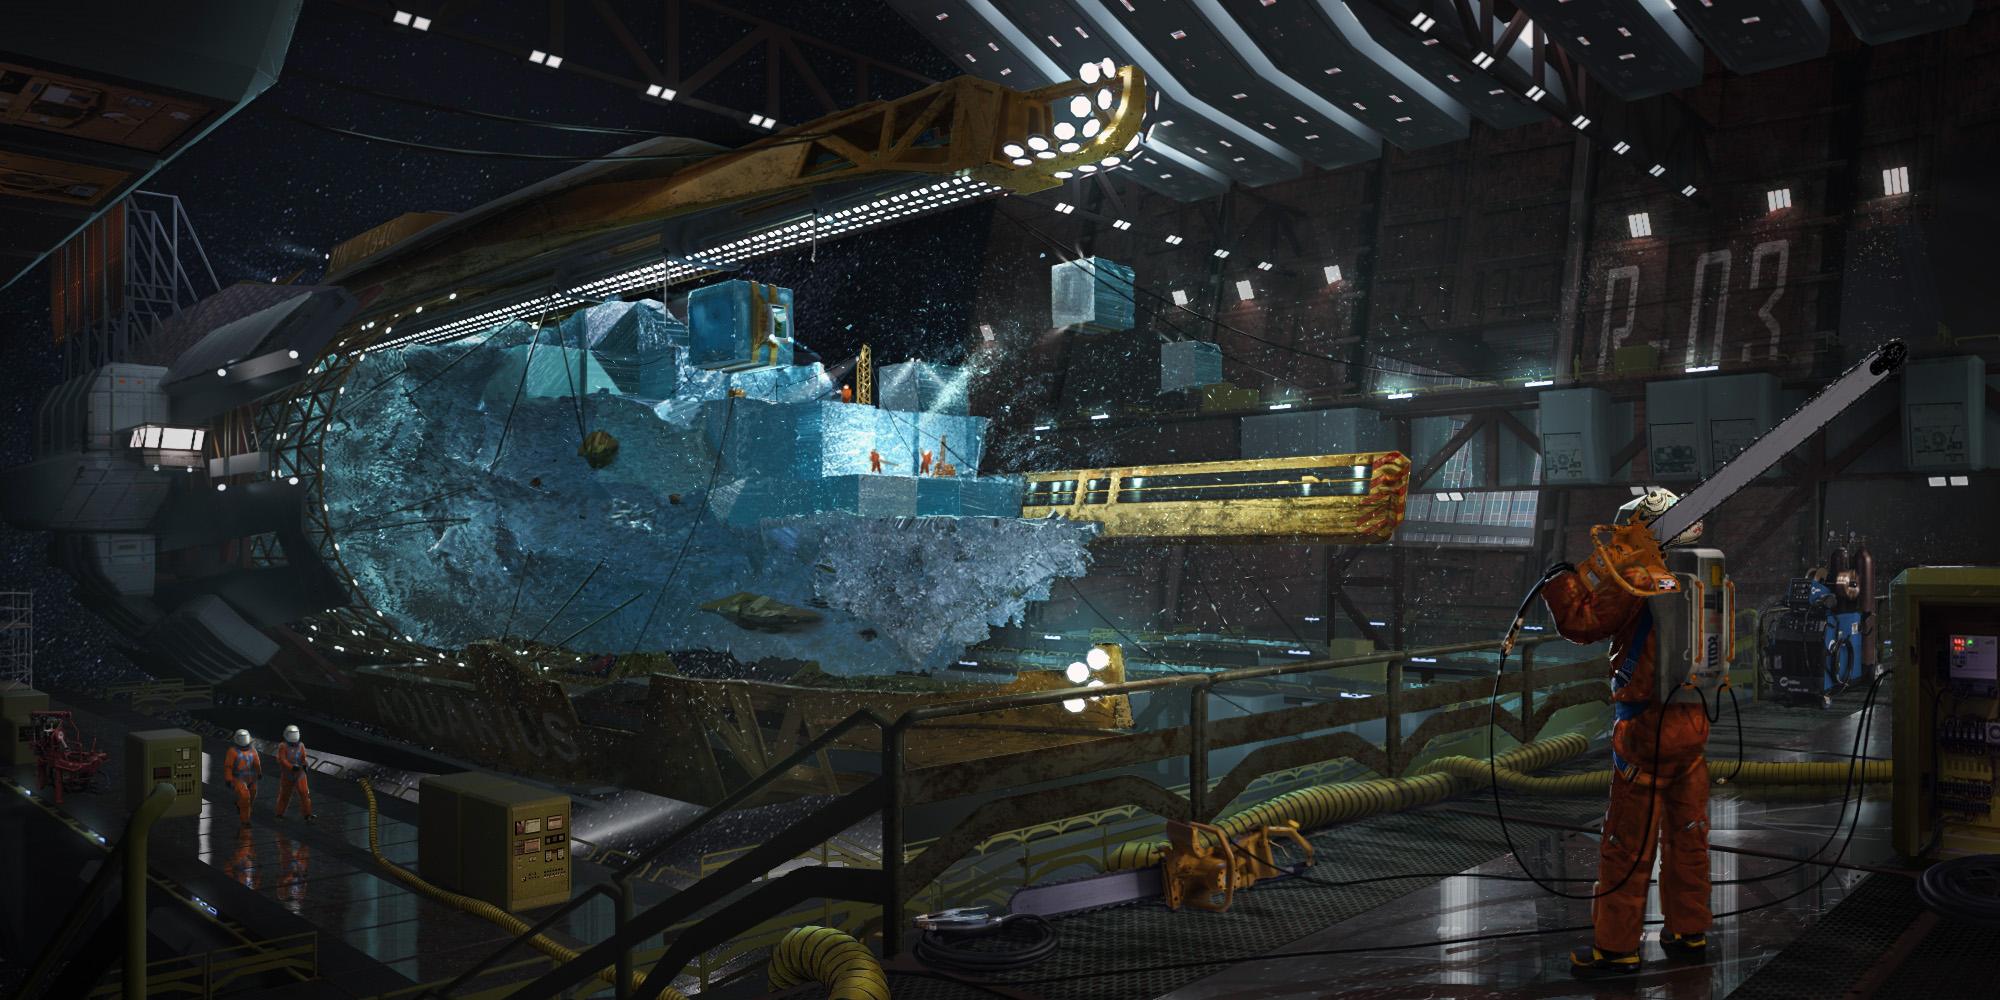 CI-T-Water_tanker-01.jpg